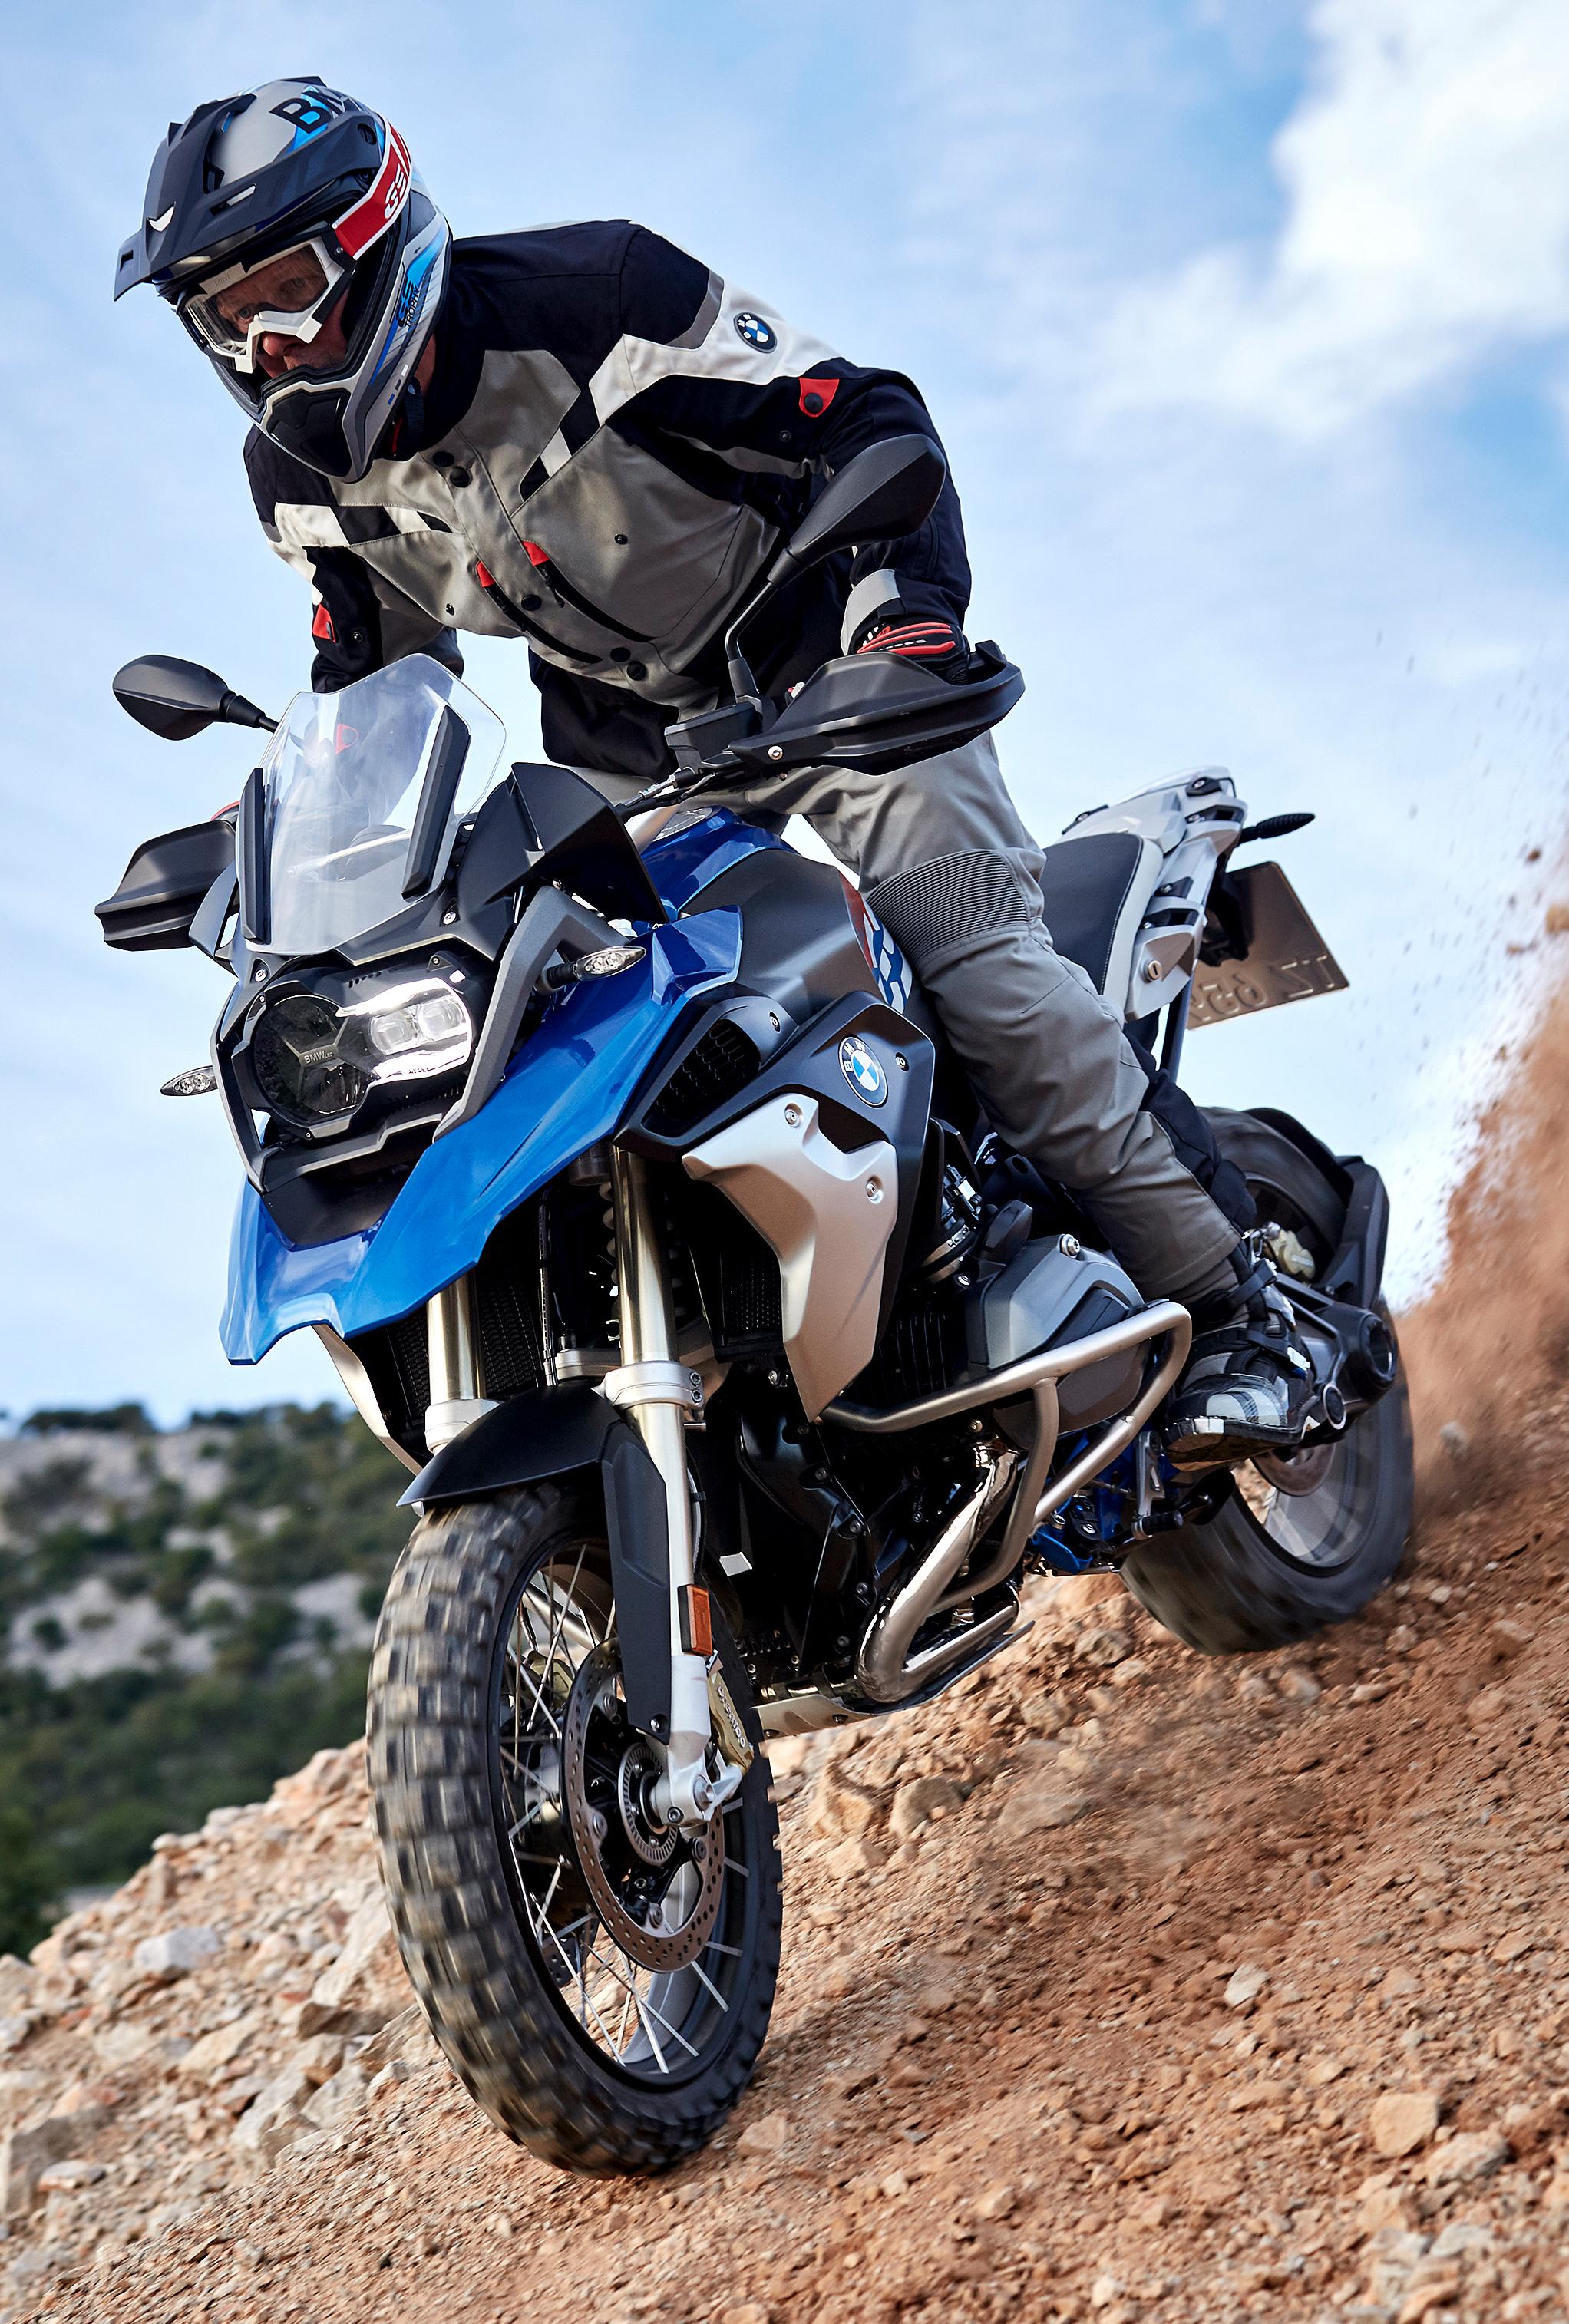 Motorrad Serie